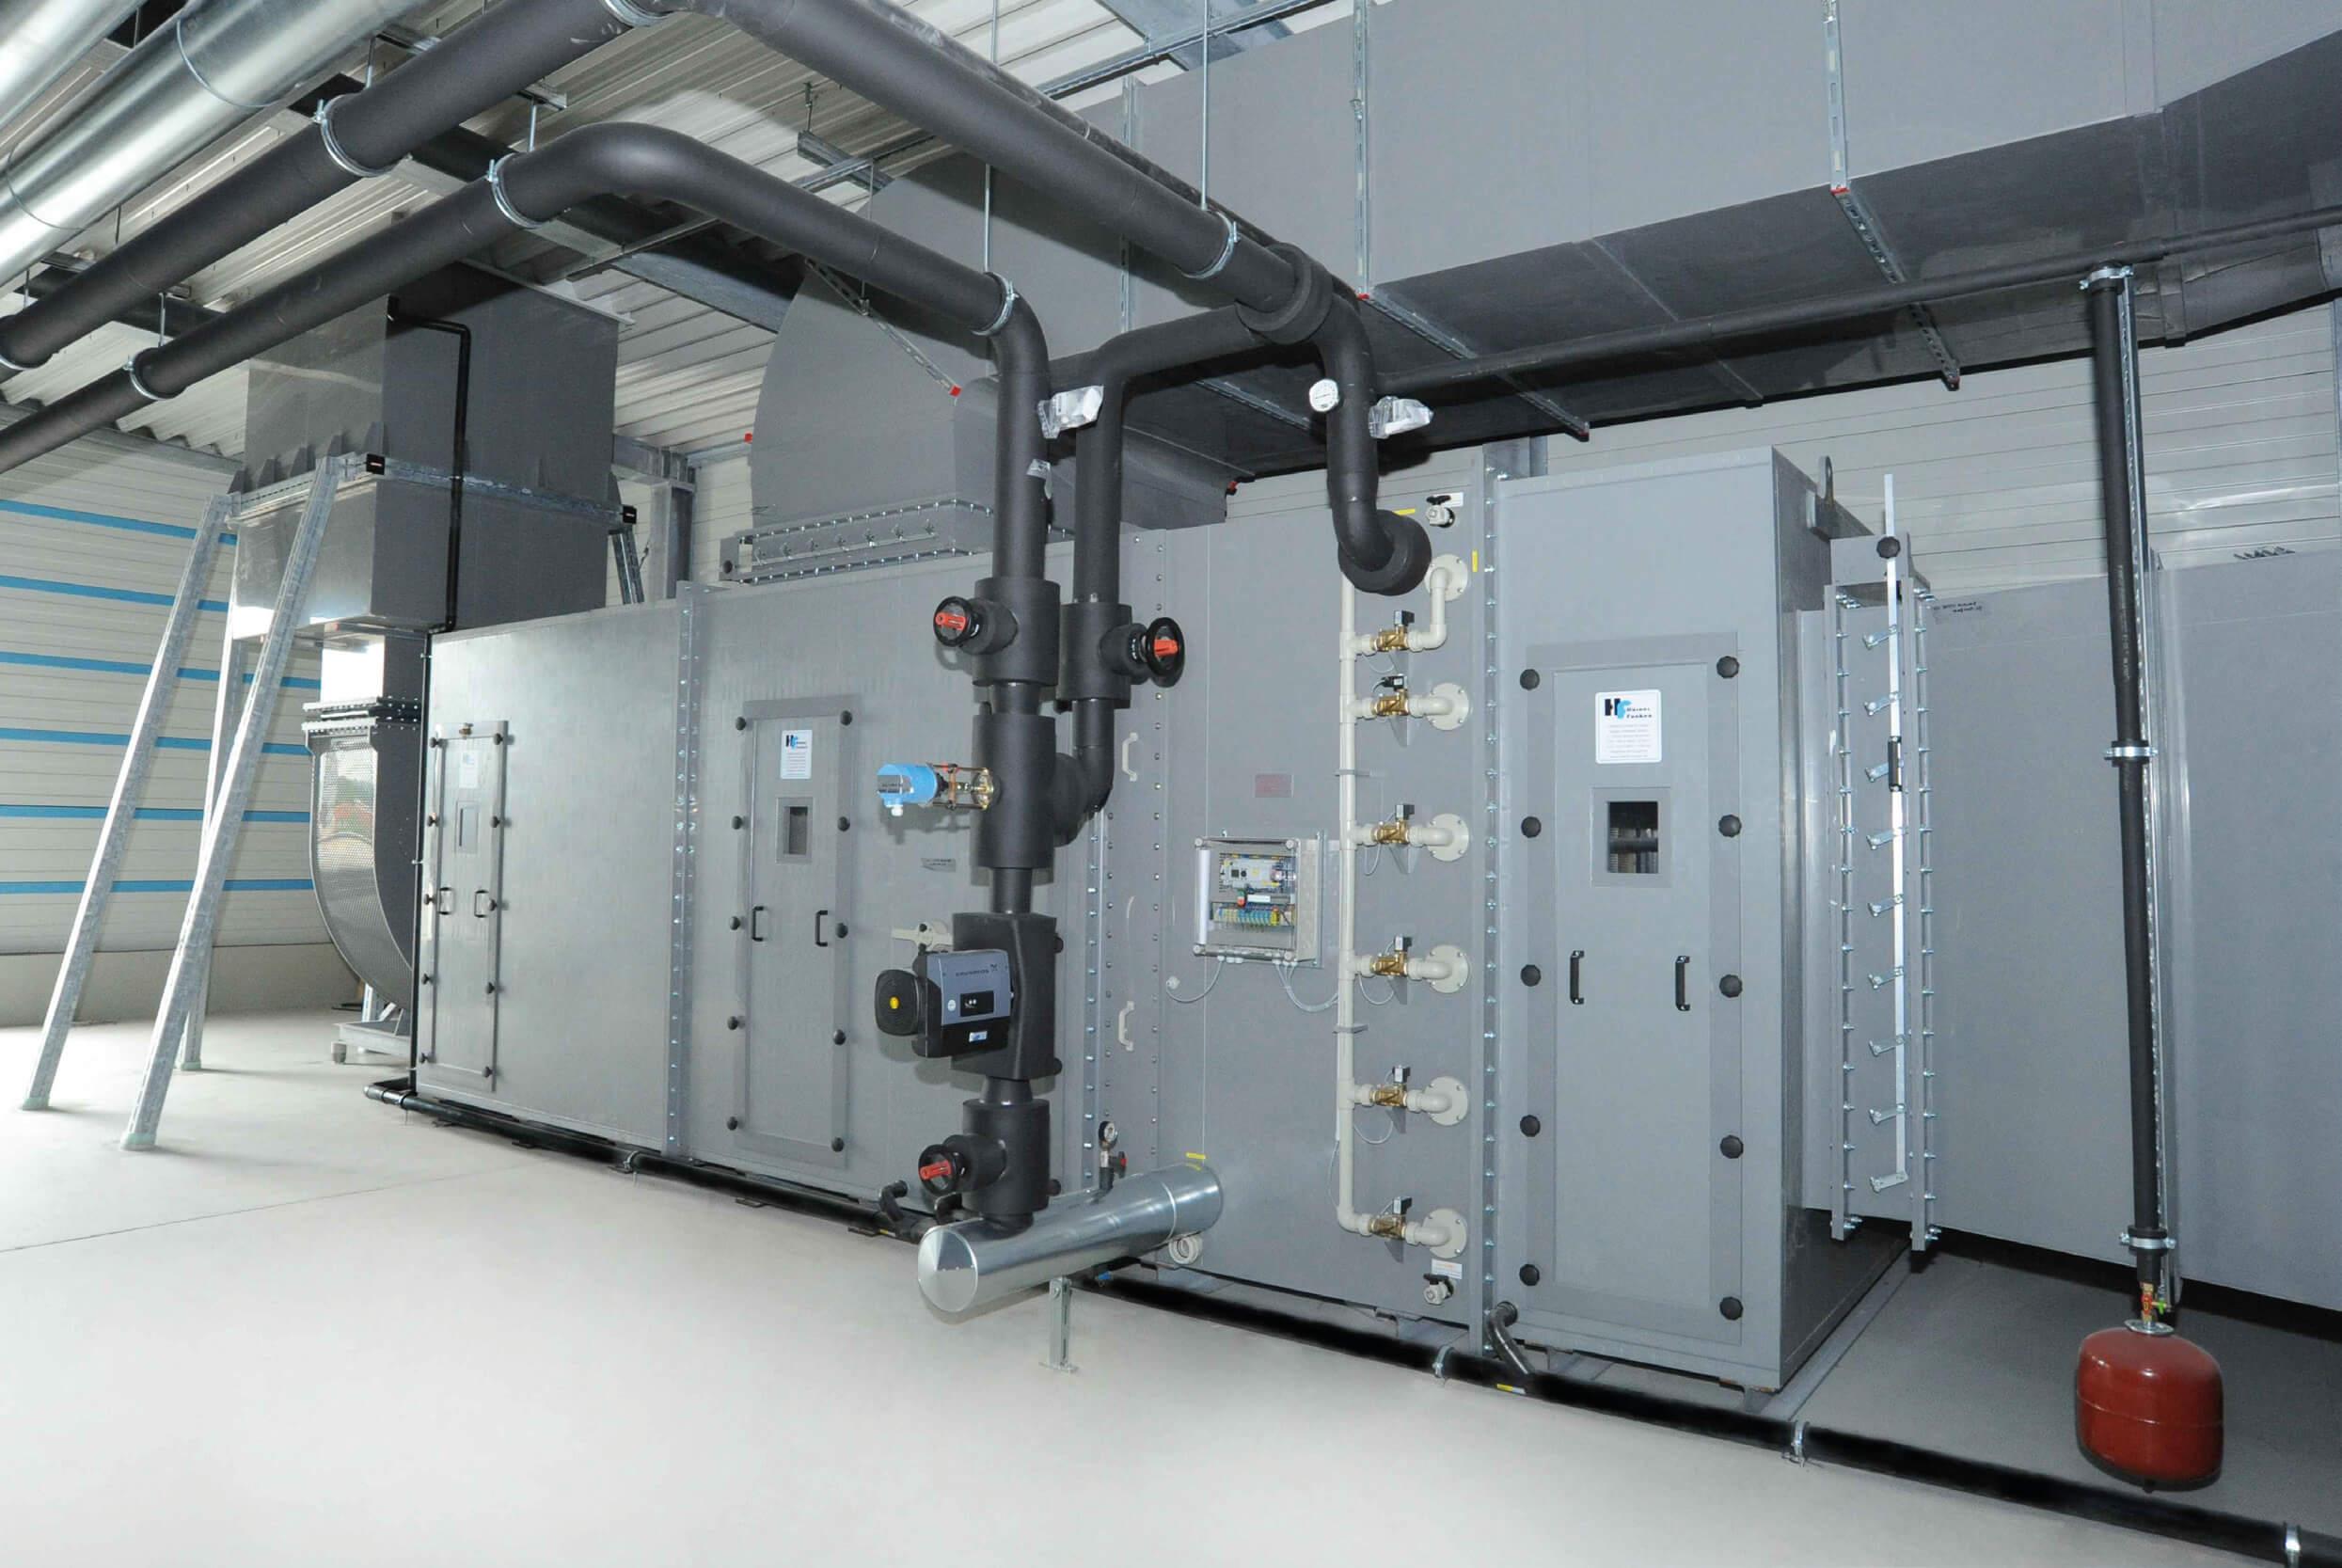 Wärmetauscher Installation - CALORPLAST Wärmetechnik